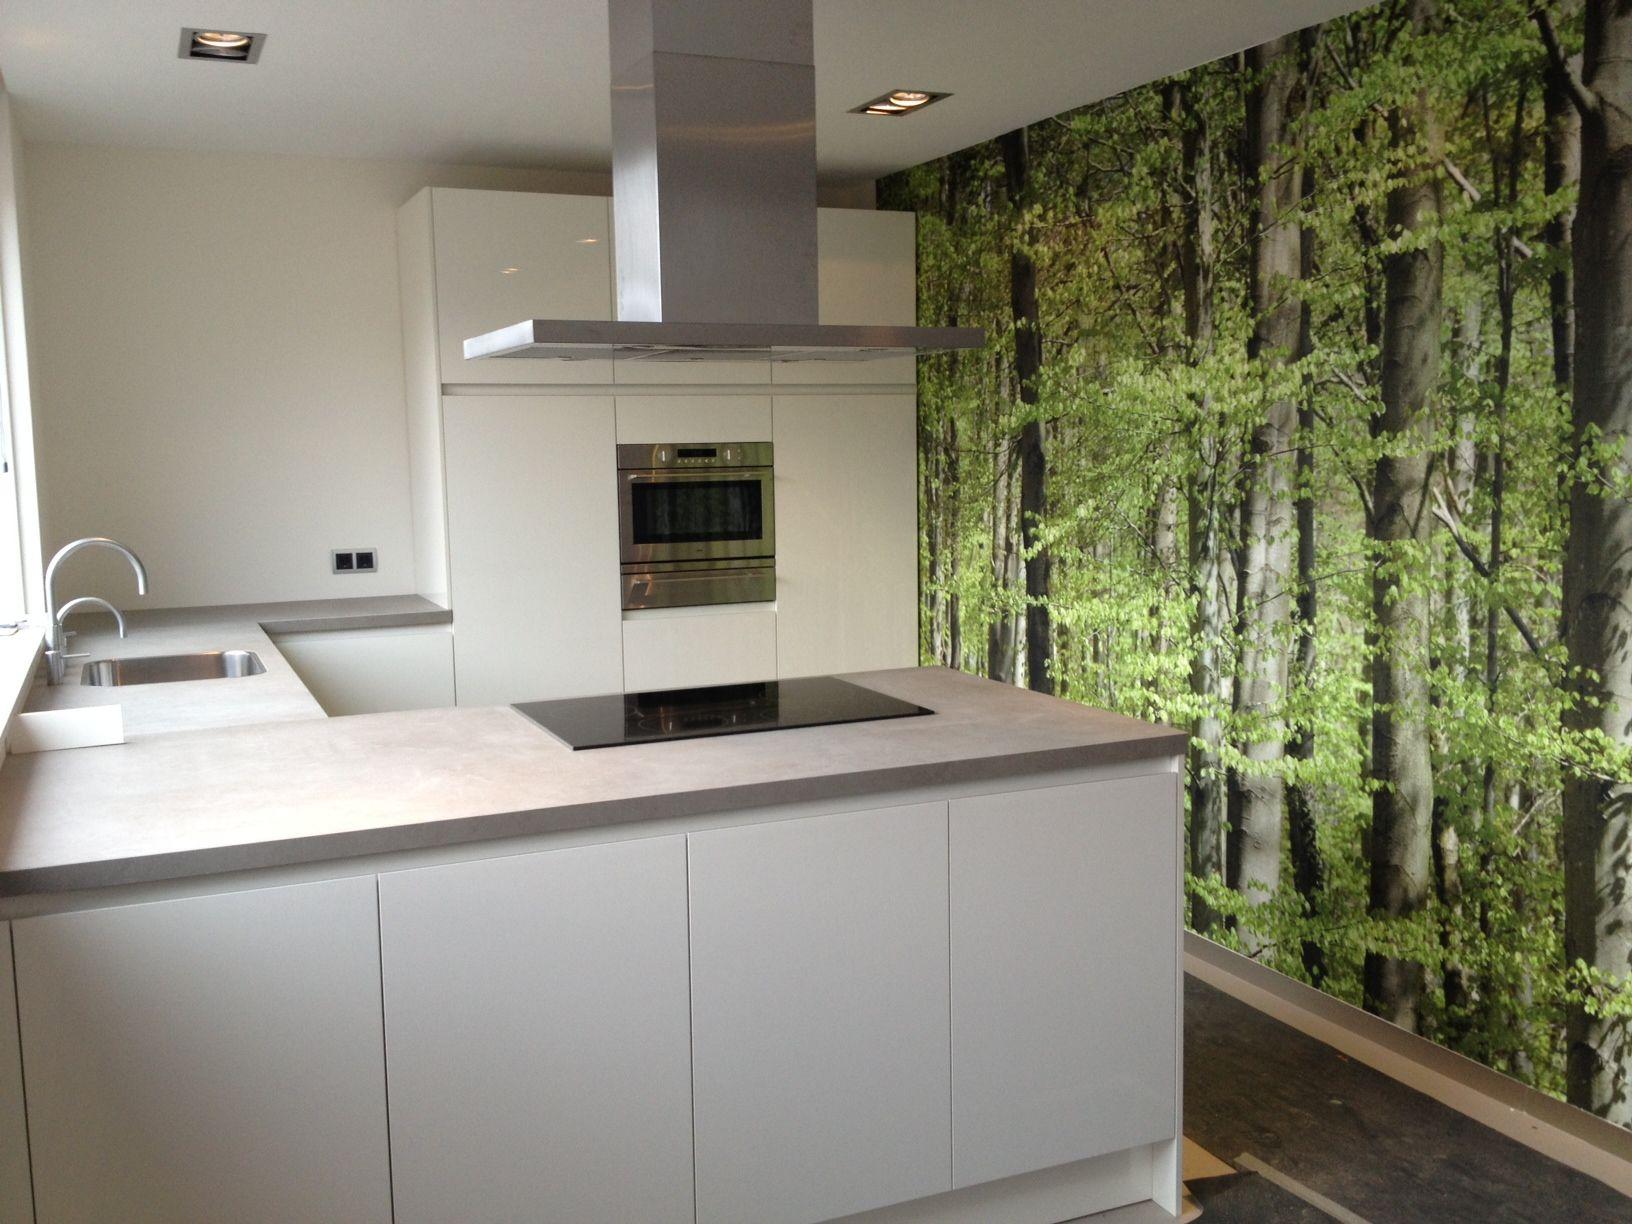 Klein Schiereiland Keuken : Witte greeploze keuken met schiereiland in een bosrijke omgeving